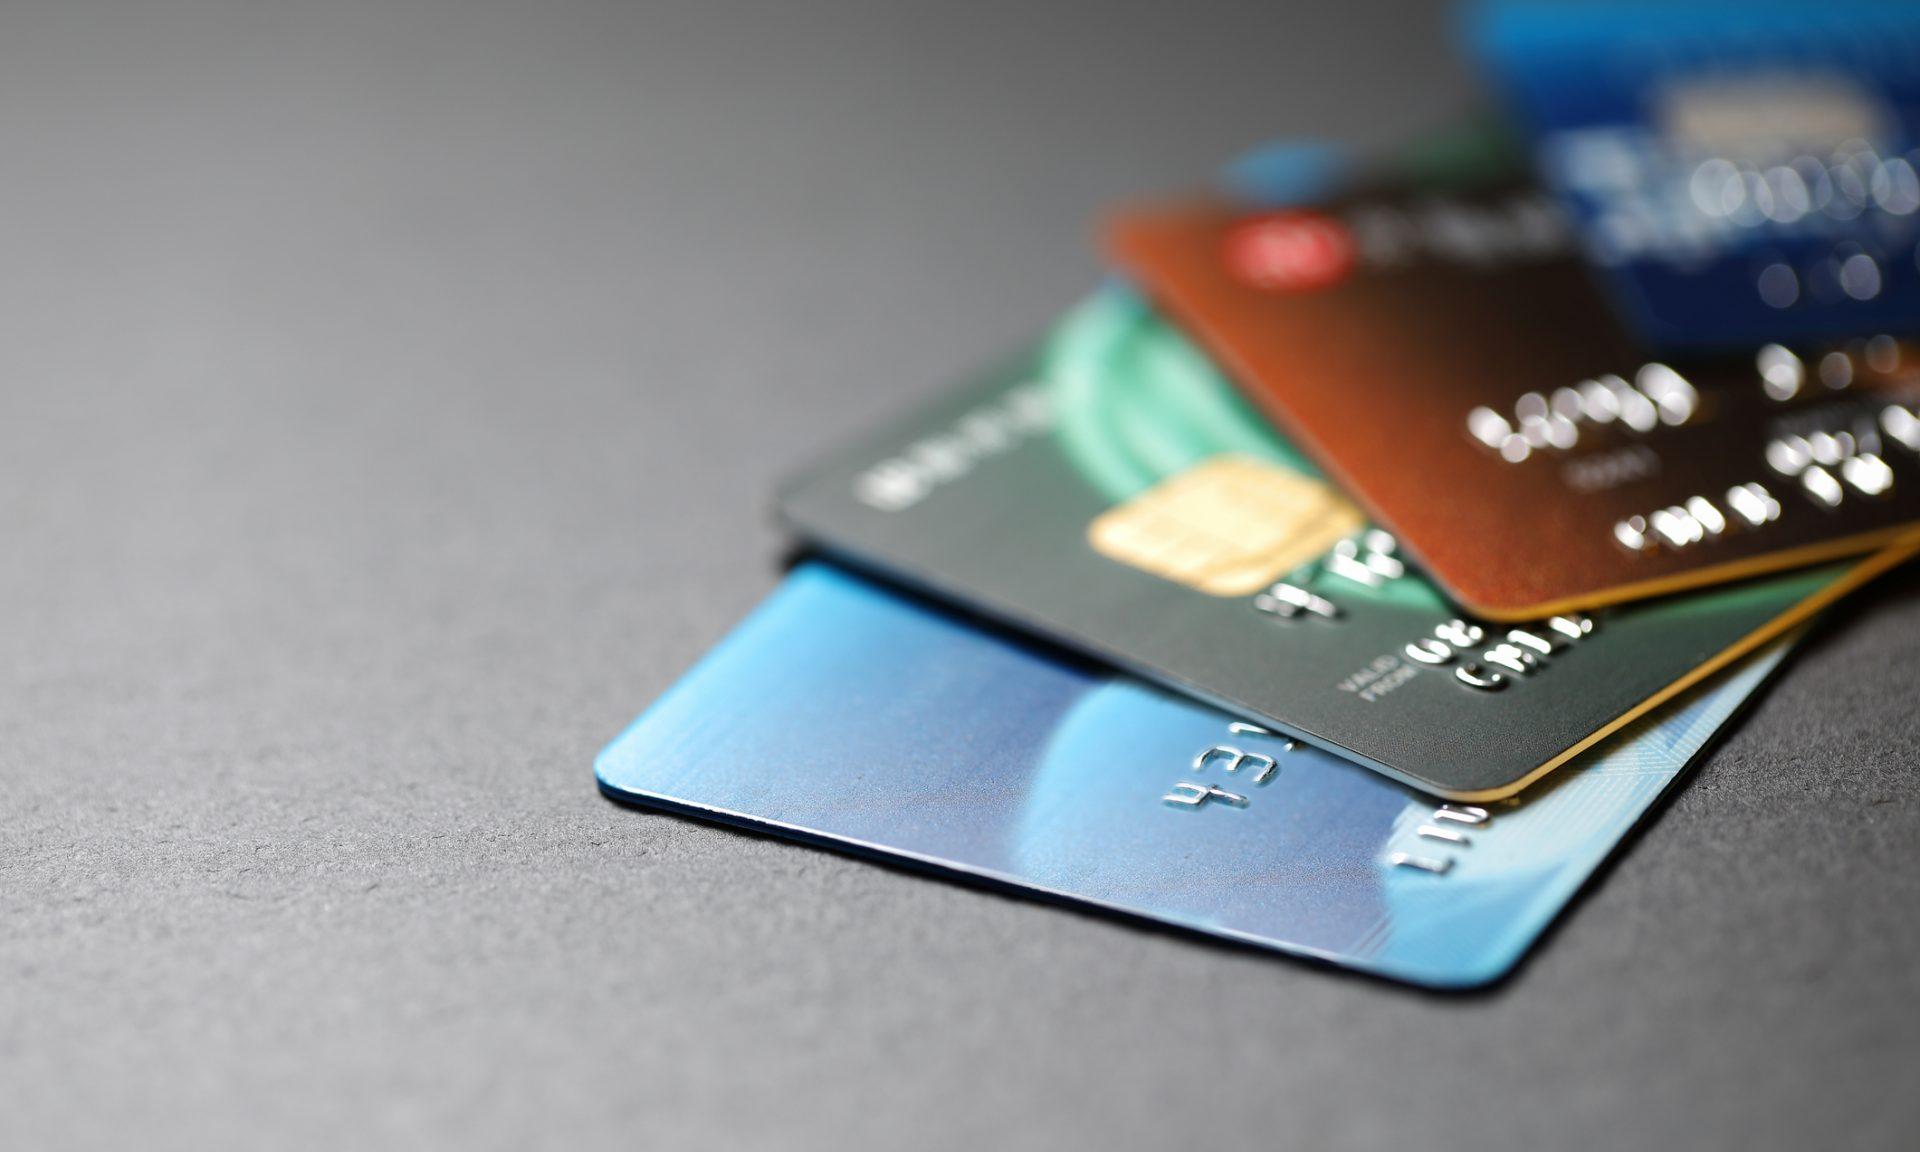 Delta Amex-kaarten bieden nu tot 70.000 bonusmijlen voor nieuwe kaarthouders